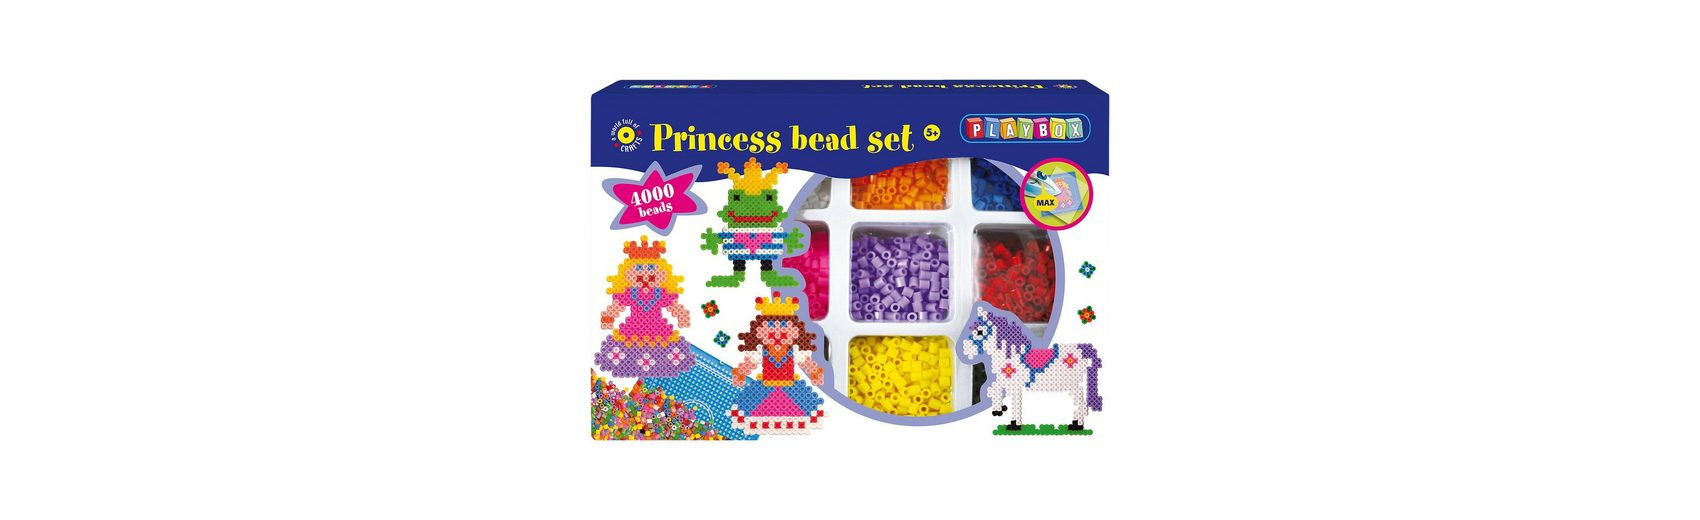 Playbox Großes Bügelperlenset Prinzessin, 4000 Perlen & Zubehör